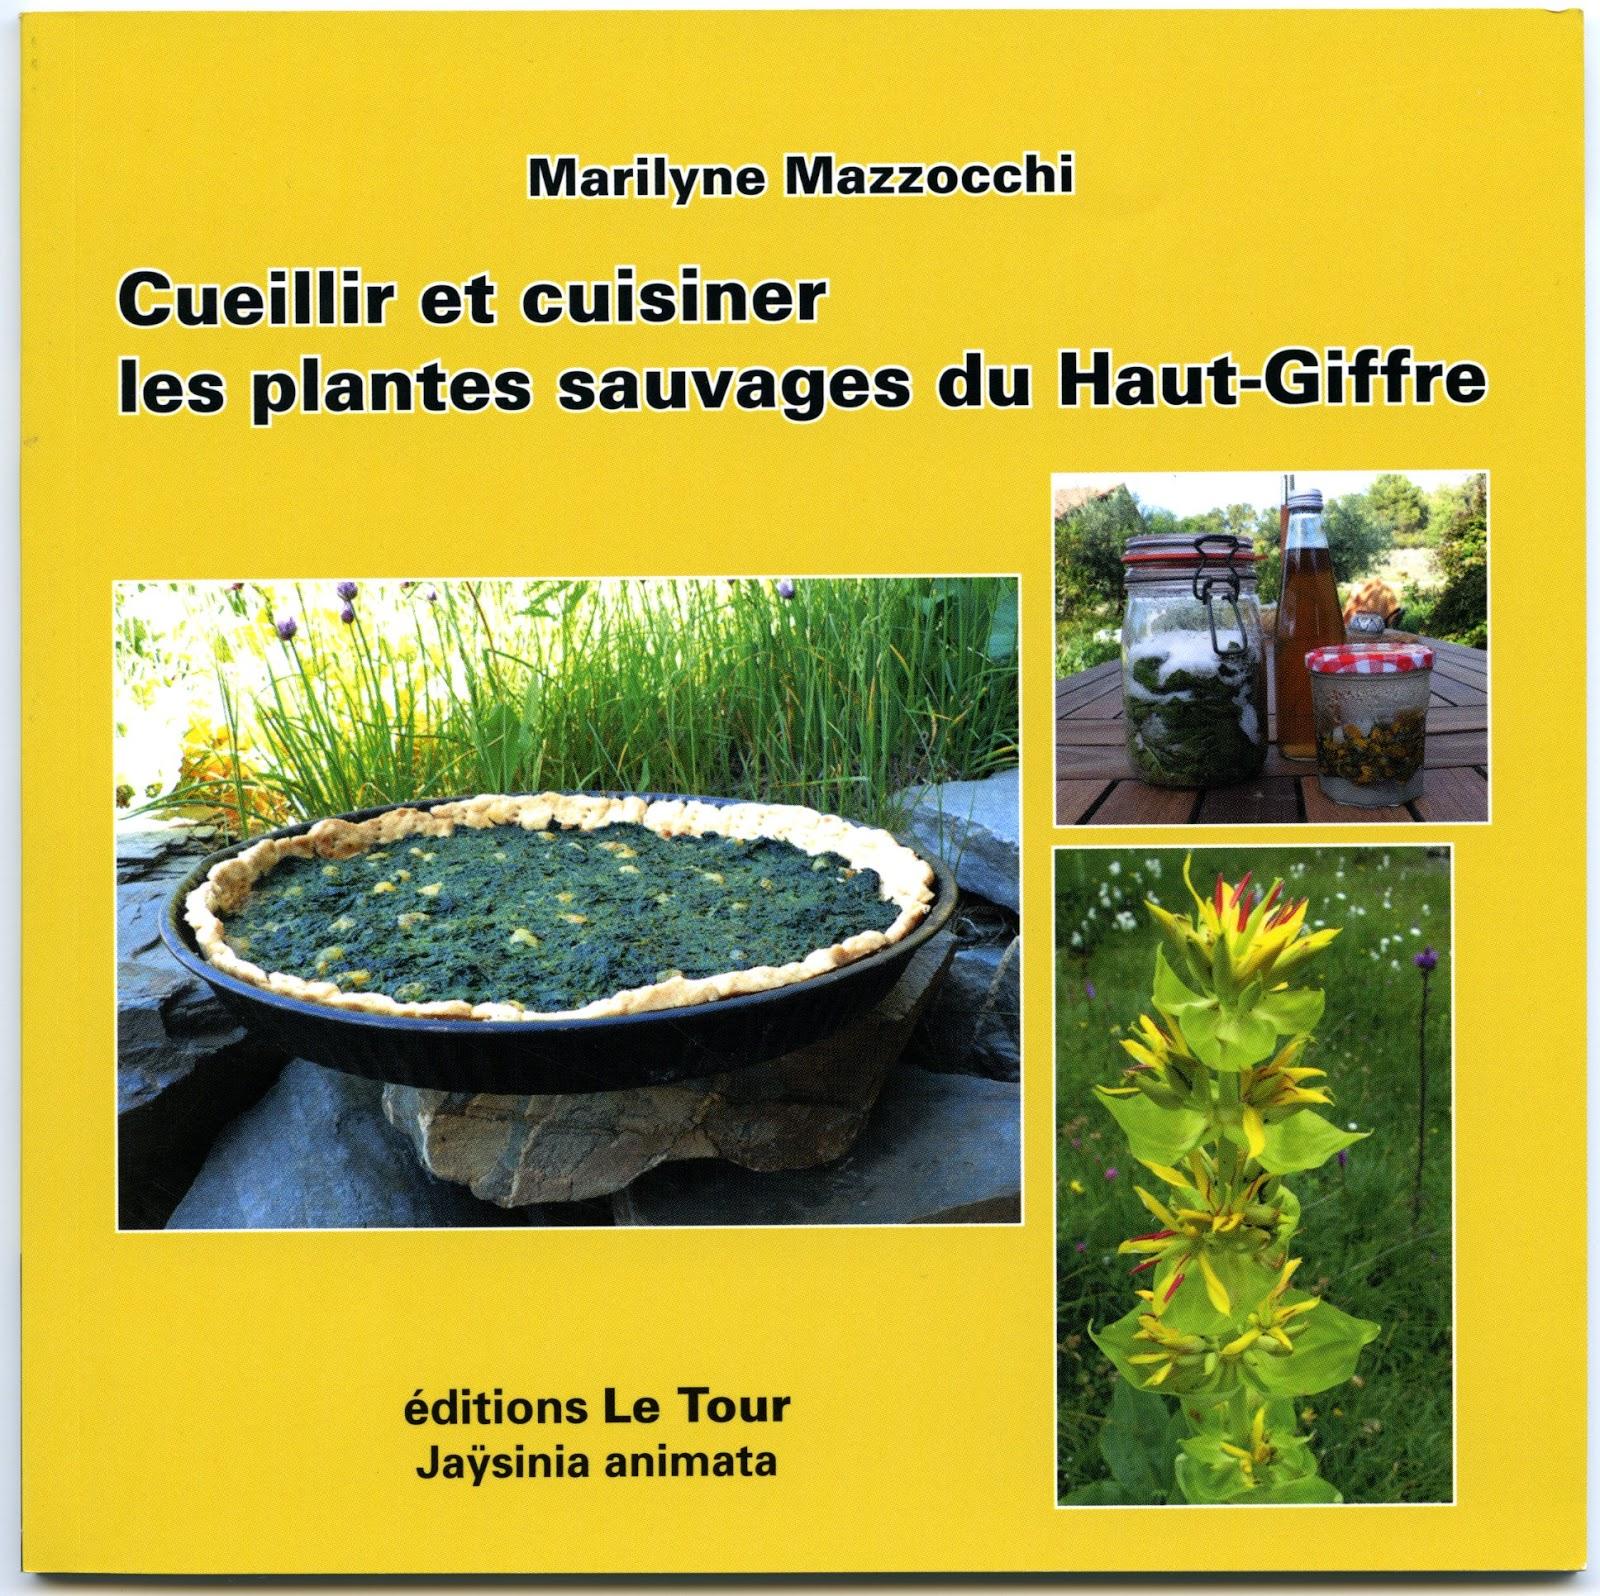 Le tour livres 30 cueillir et cuisiner les plantes - Comment cuisiner les asperges sauvages ...